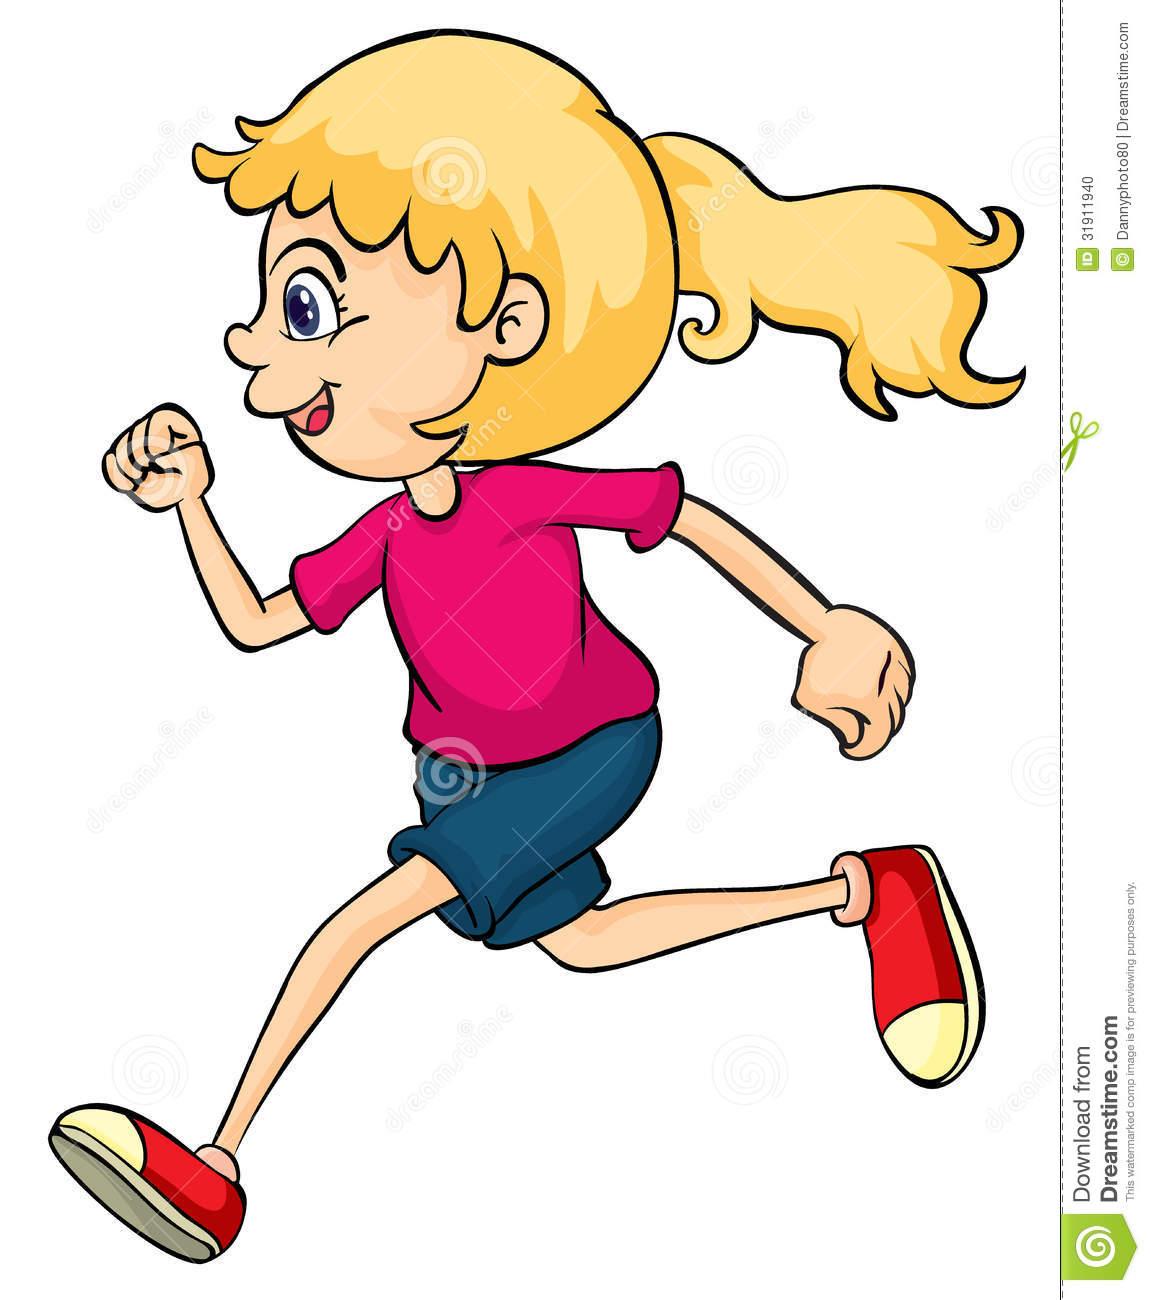 1150x1300 Running Cartoon Clipart